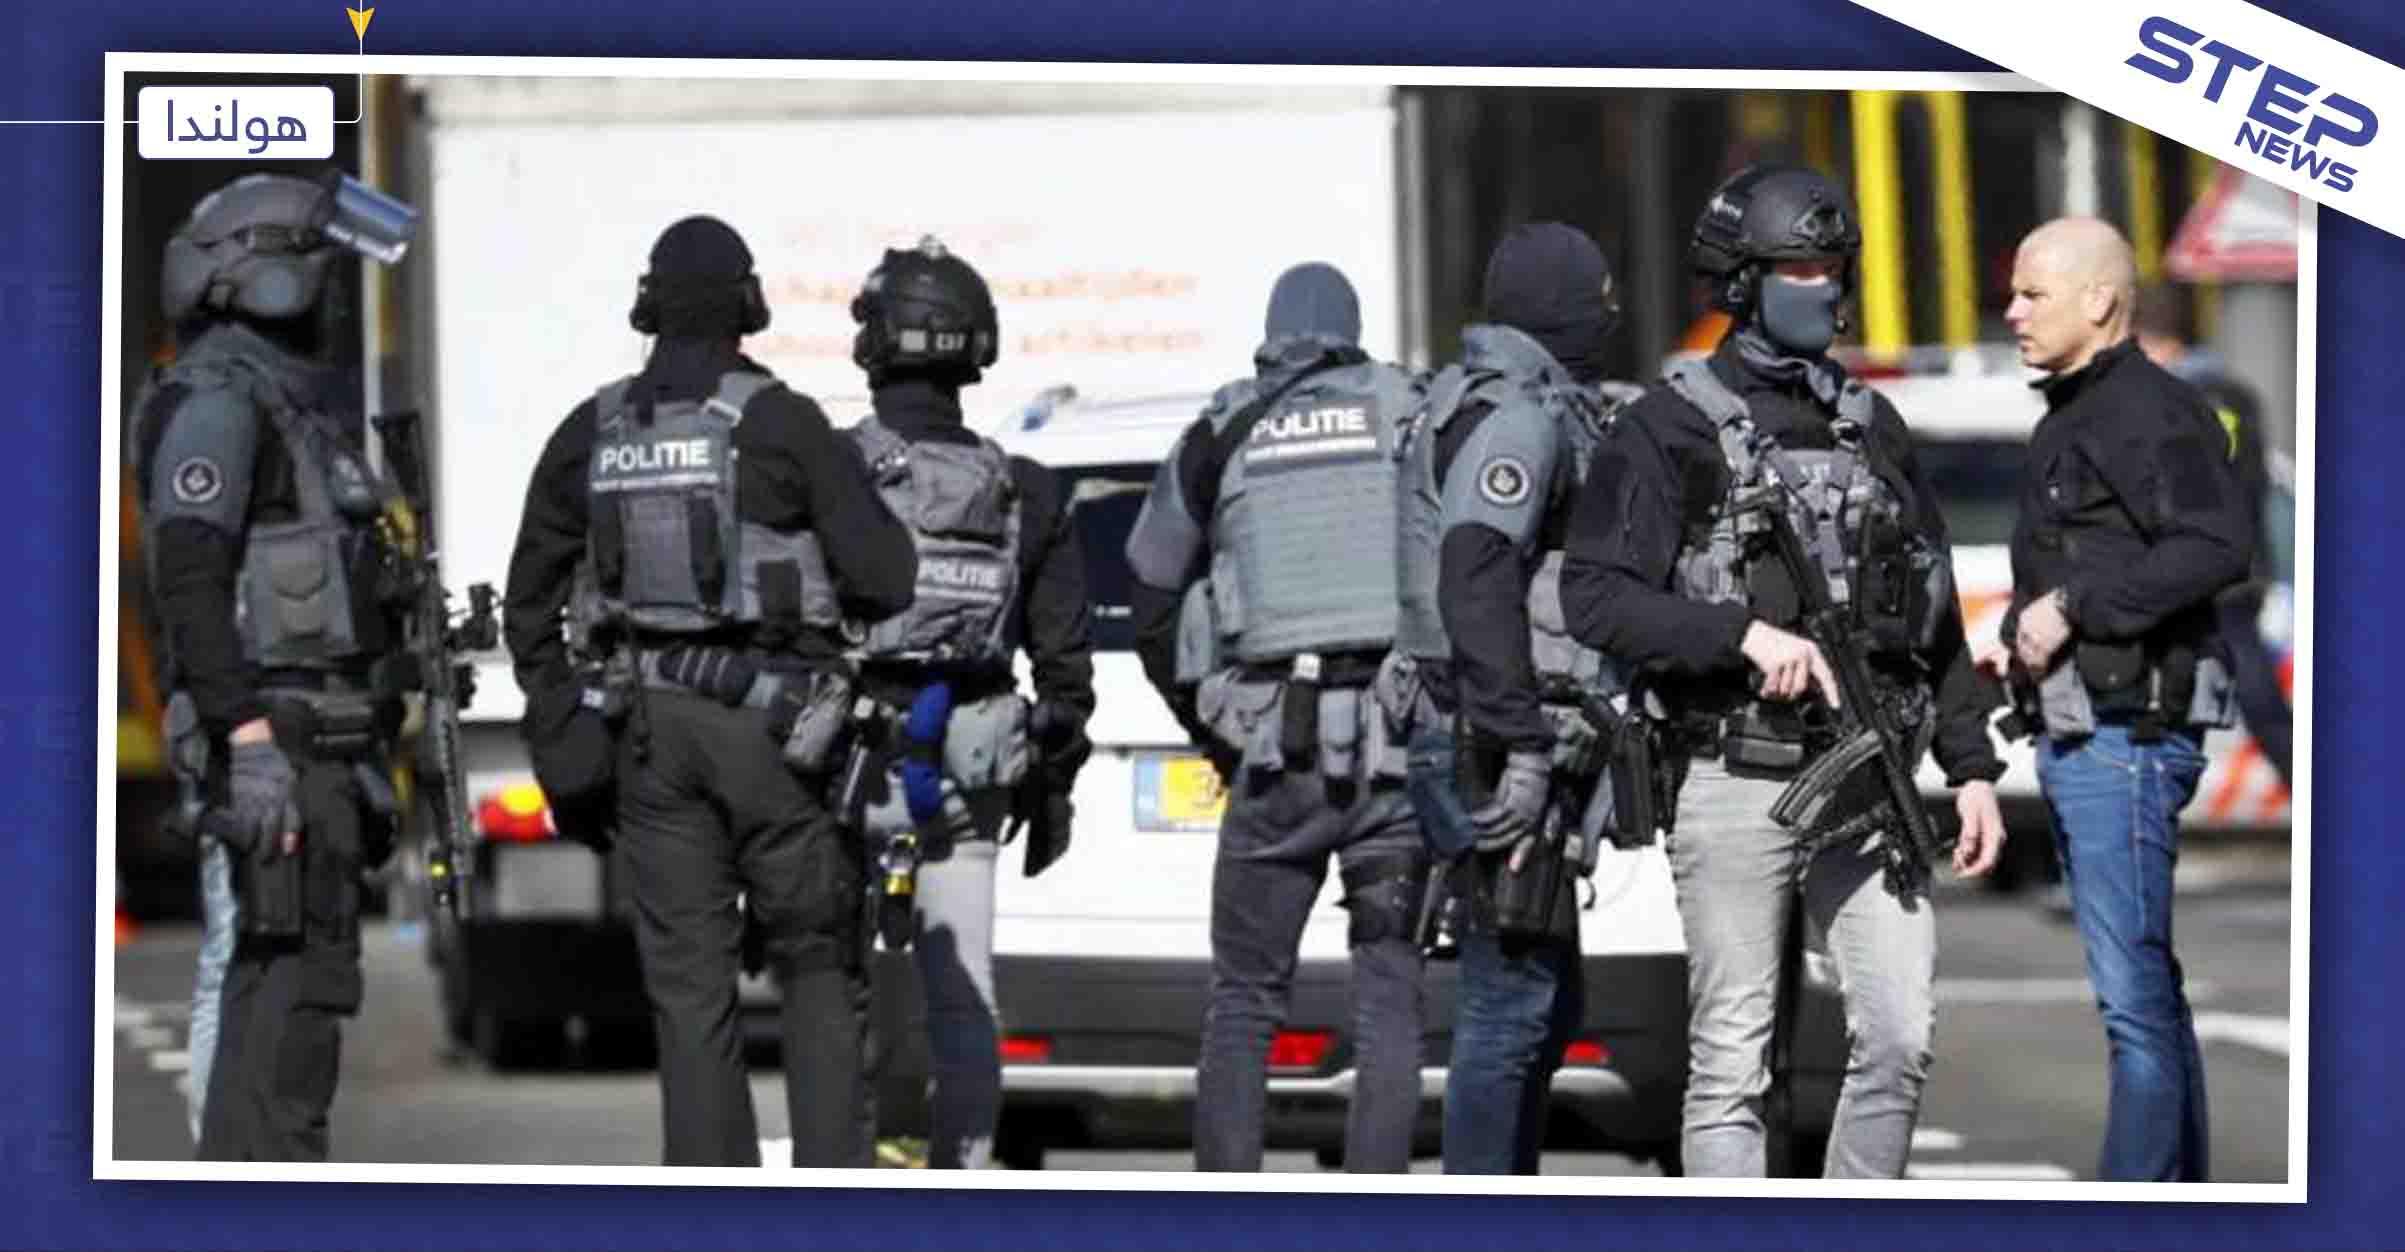 """الشرطة الهولندية تلقي القبض على طالب لجوء سوري متهم بارتكابه """"جرائم حرب"""""""